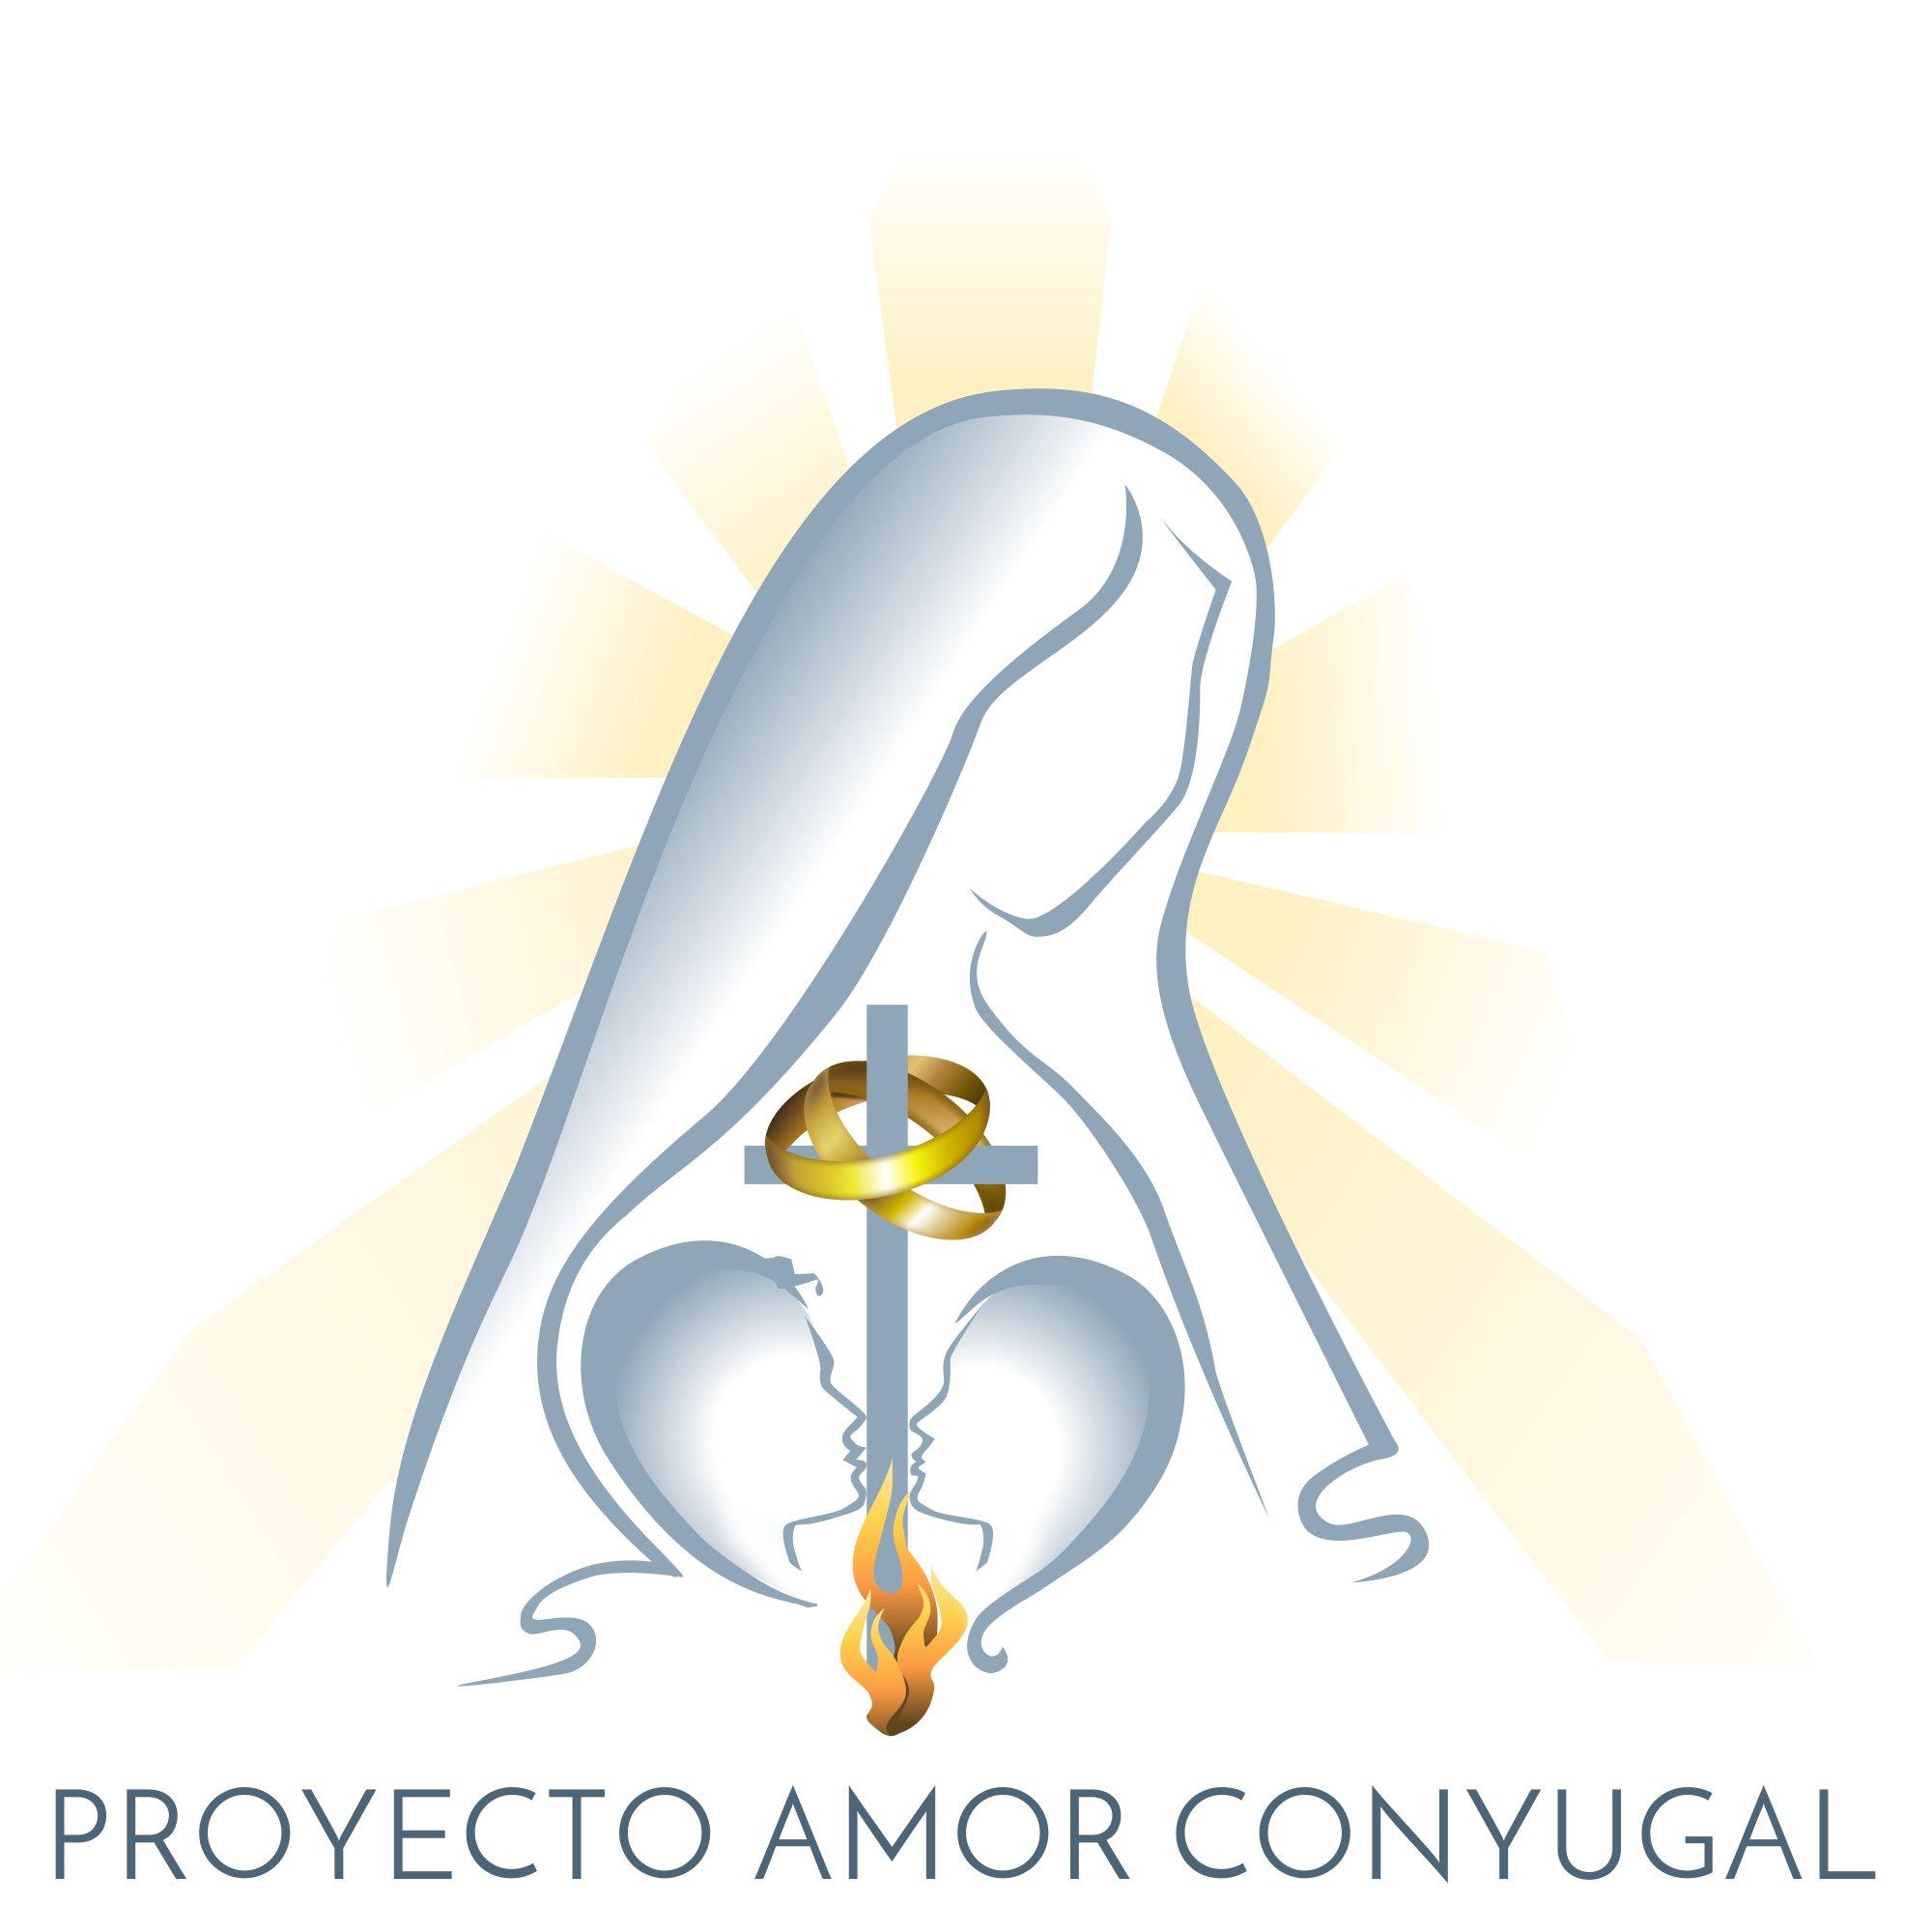 Proyecto Amor Conyugal